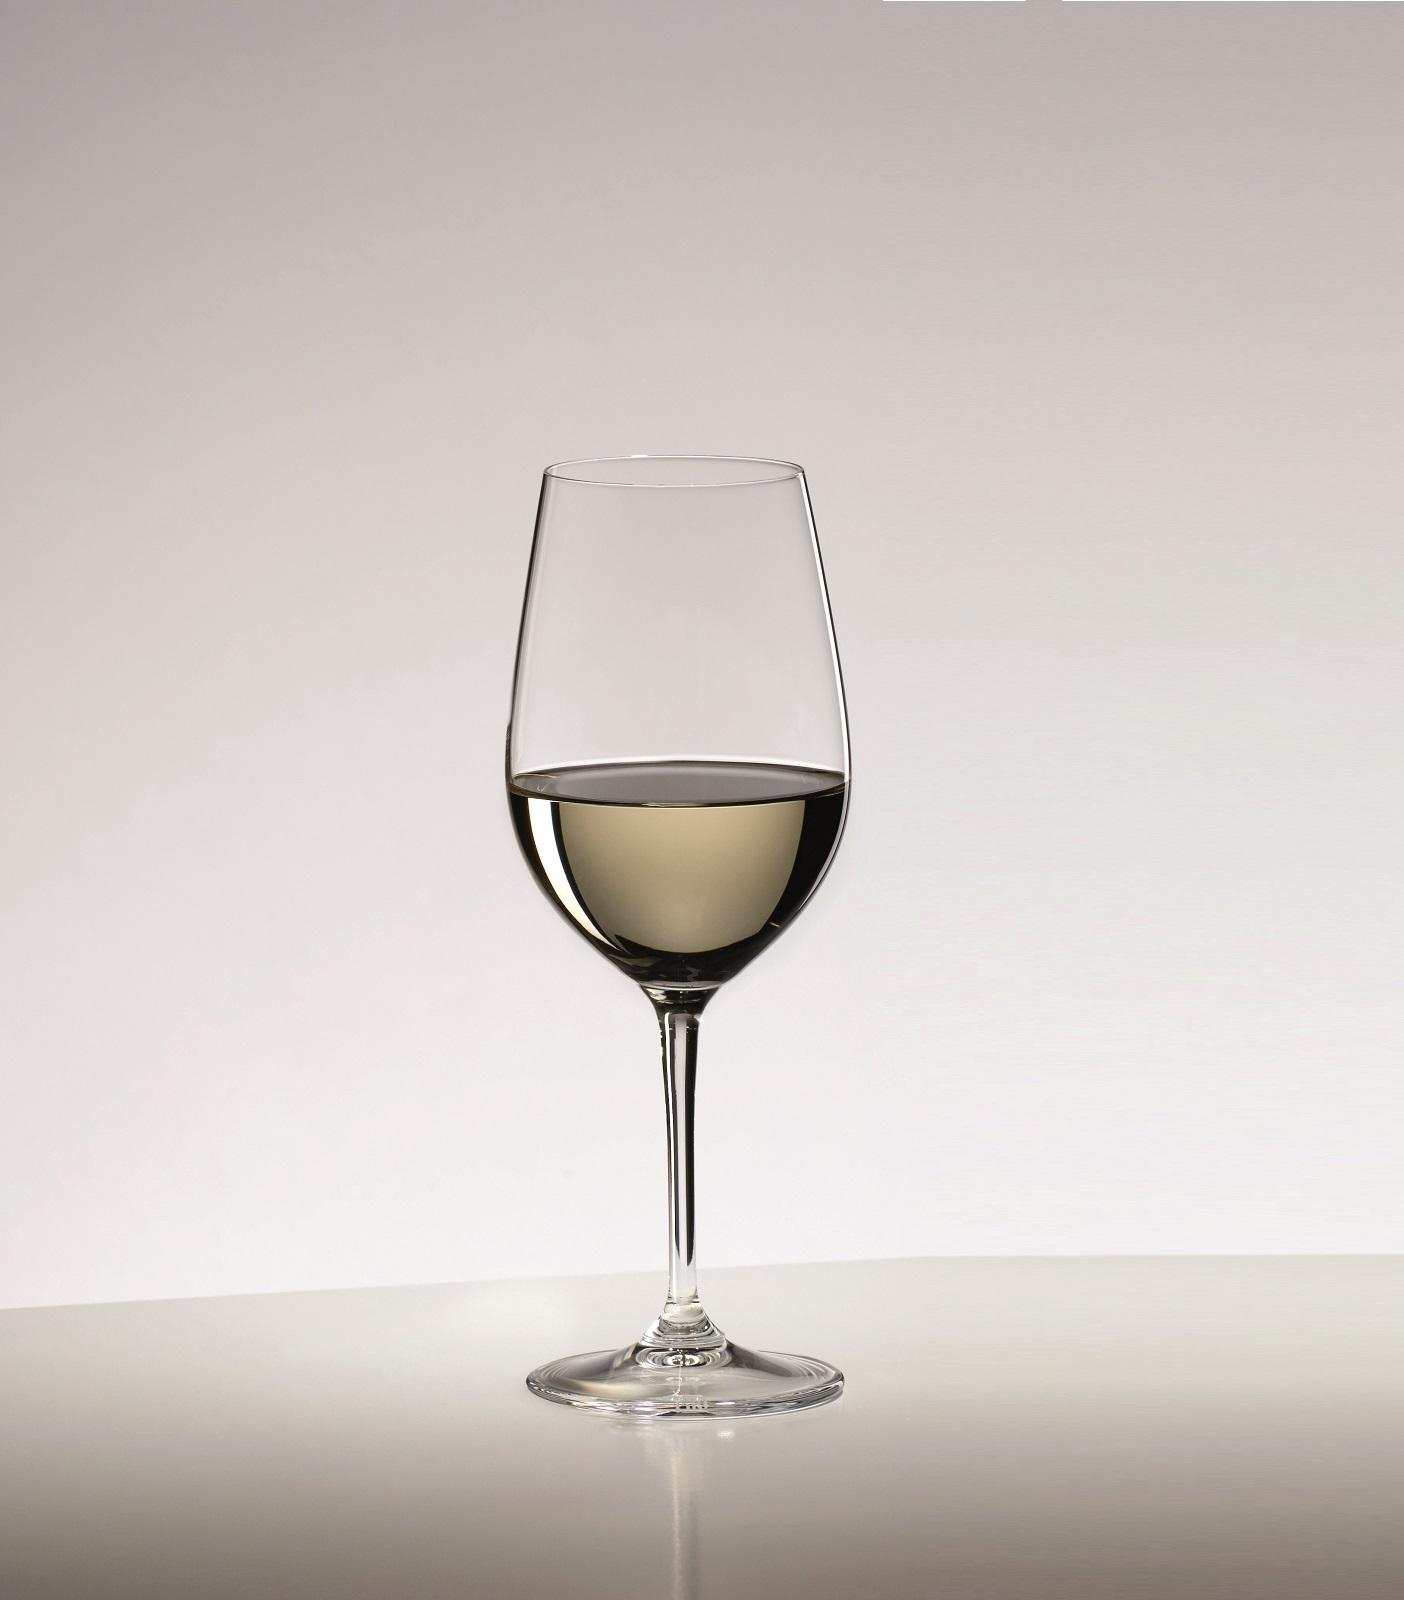 Набор бокалов для вина_Zinfandel/Riesling Riedel Vinum, объем 0,4 л, прозрачный, 2 штуки Riedel 6416/15 фото 2